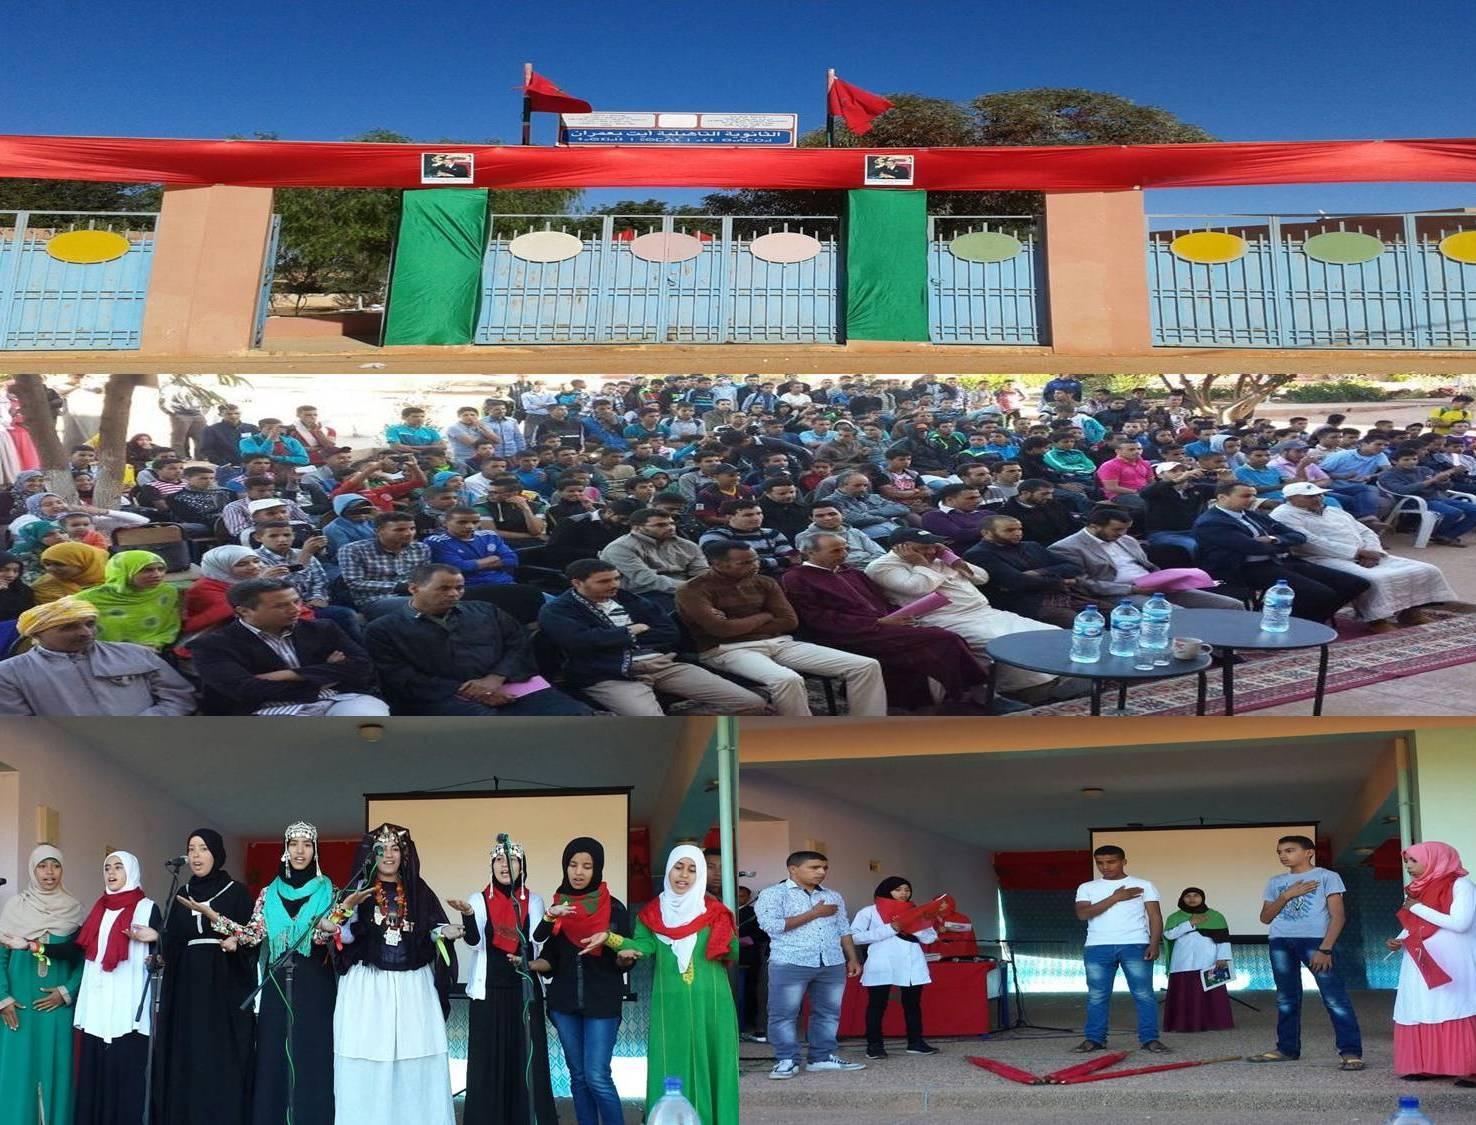 جماعة تيوغزة : ثانوية آيت بعمران التأهيلية تخلد الذكرى 40 للمسيرة الخضراء